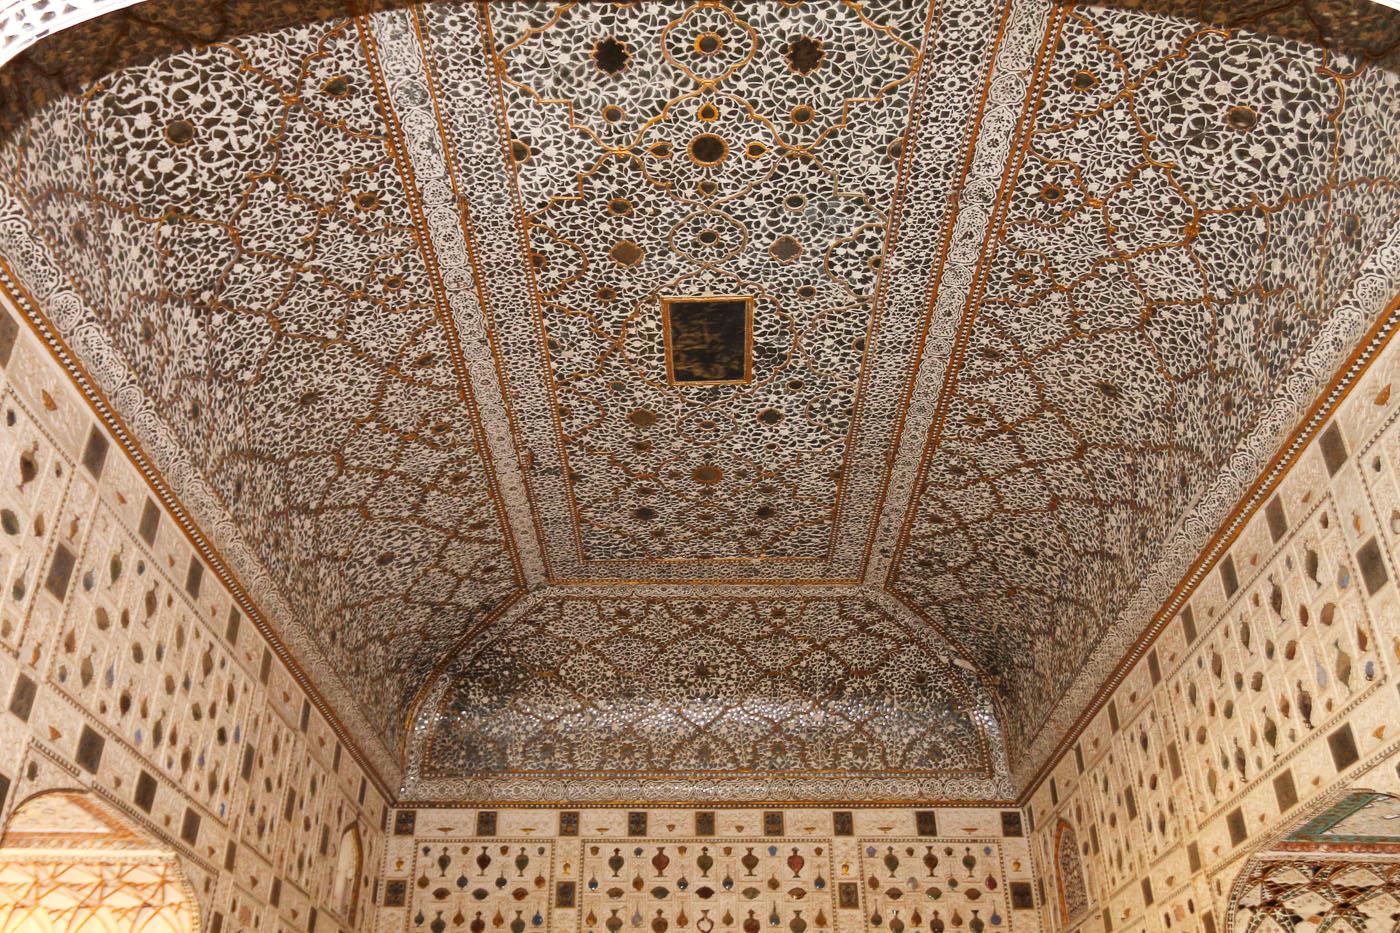 Фотография 12'. Орнаменты в Sheesh Mahal. Поездка в Джайпур из Дели.